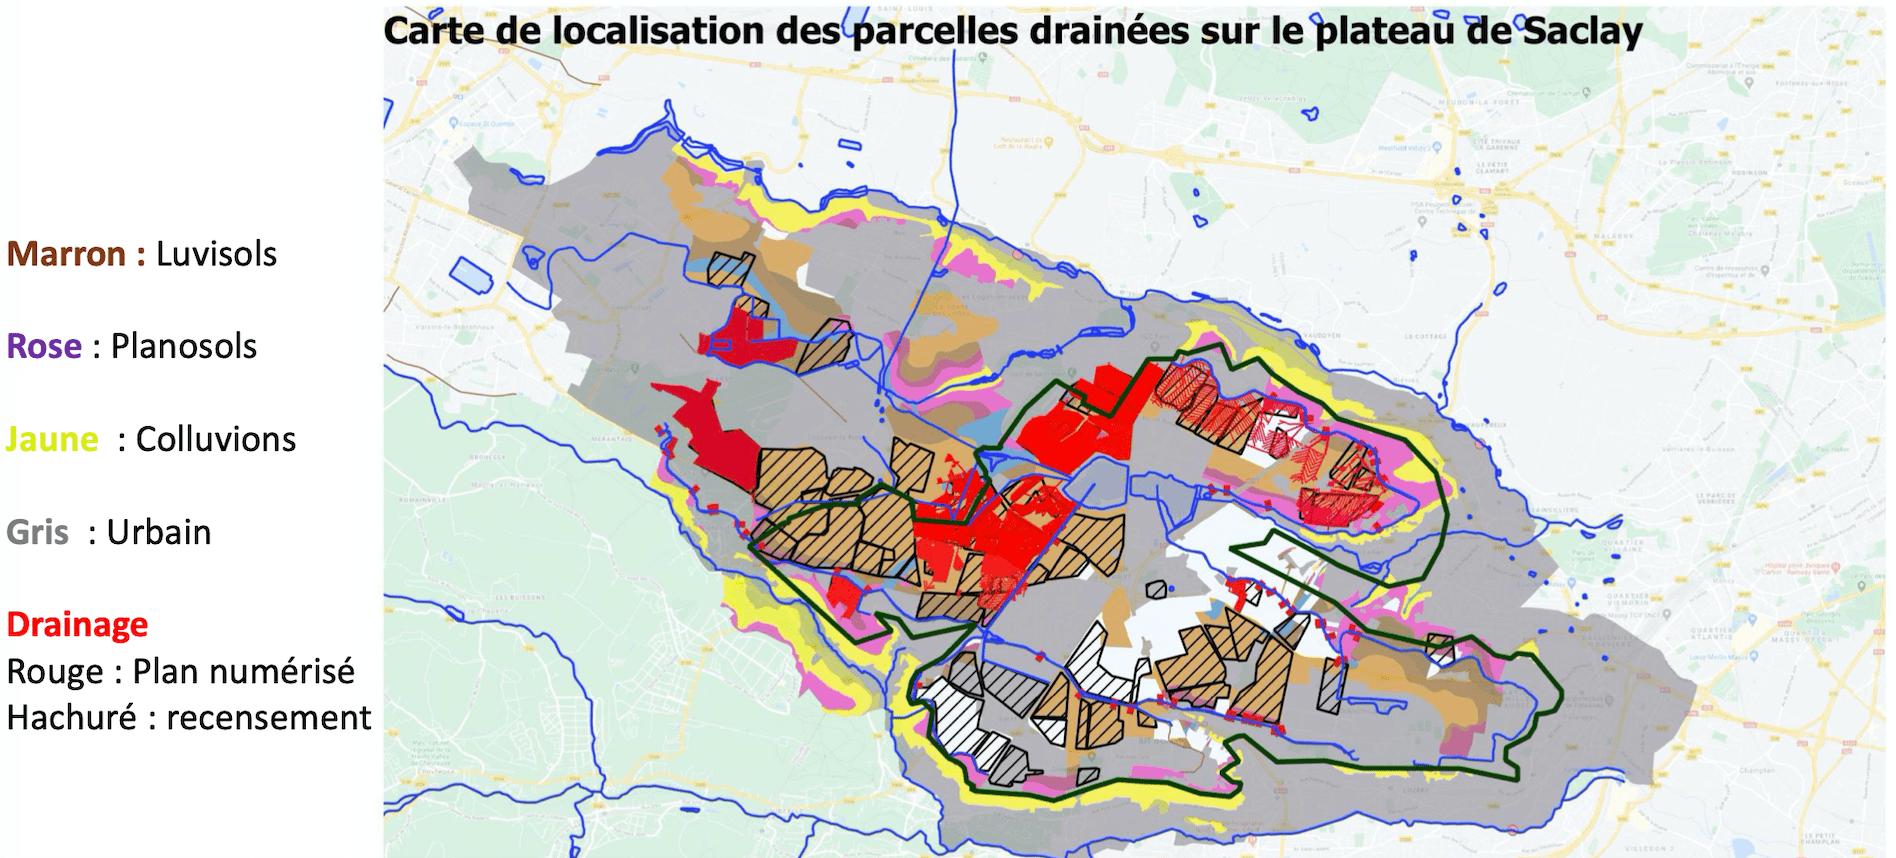 carte de localisation des parcelles drainées